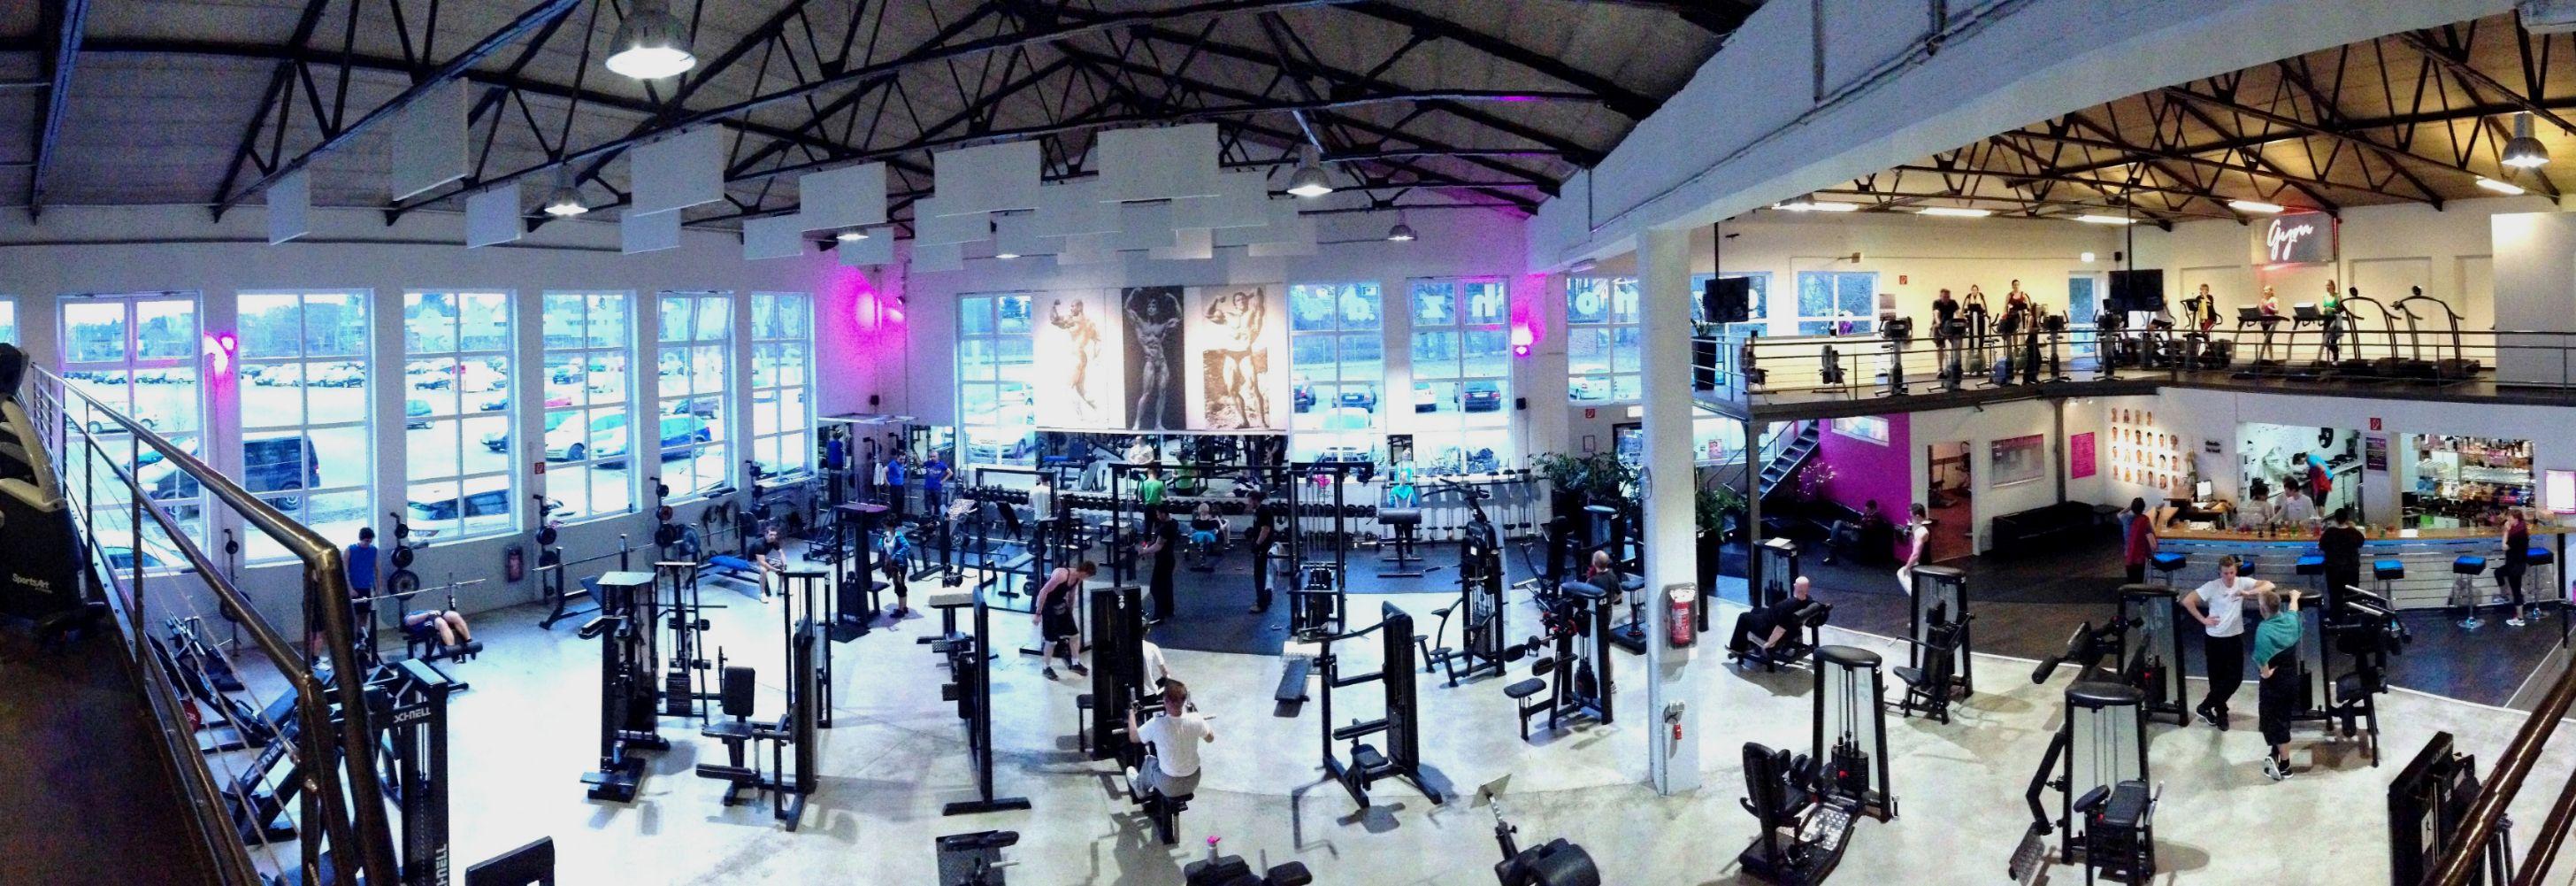 Gym Osterholz-Scharmbeck